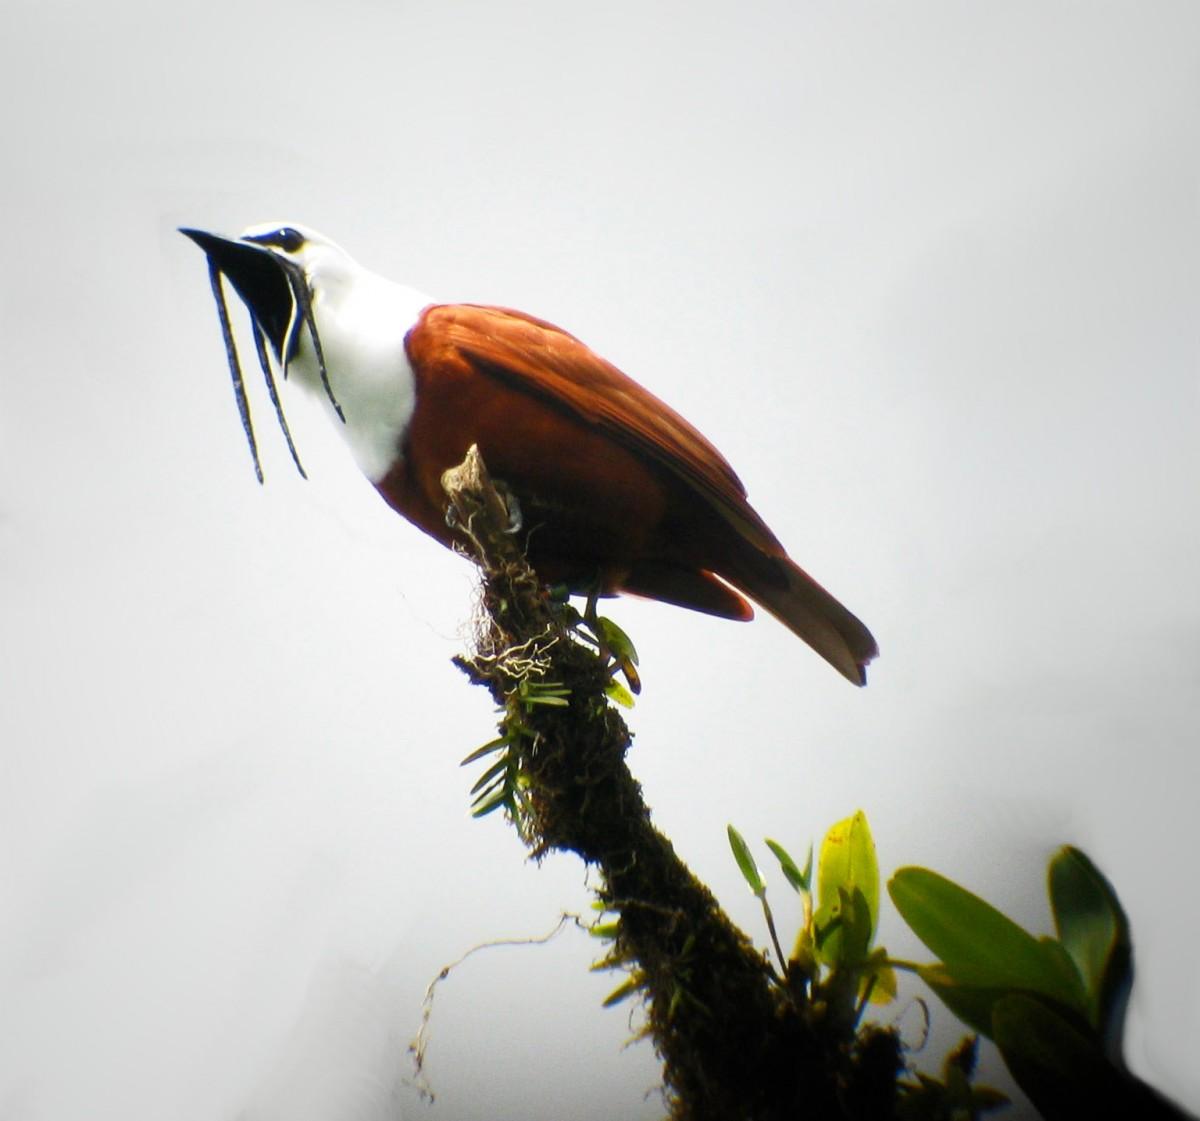 Procnias_tricarunculata_-Costa_Rica_-male-8-4c